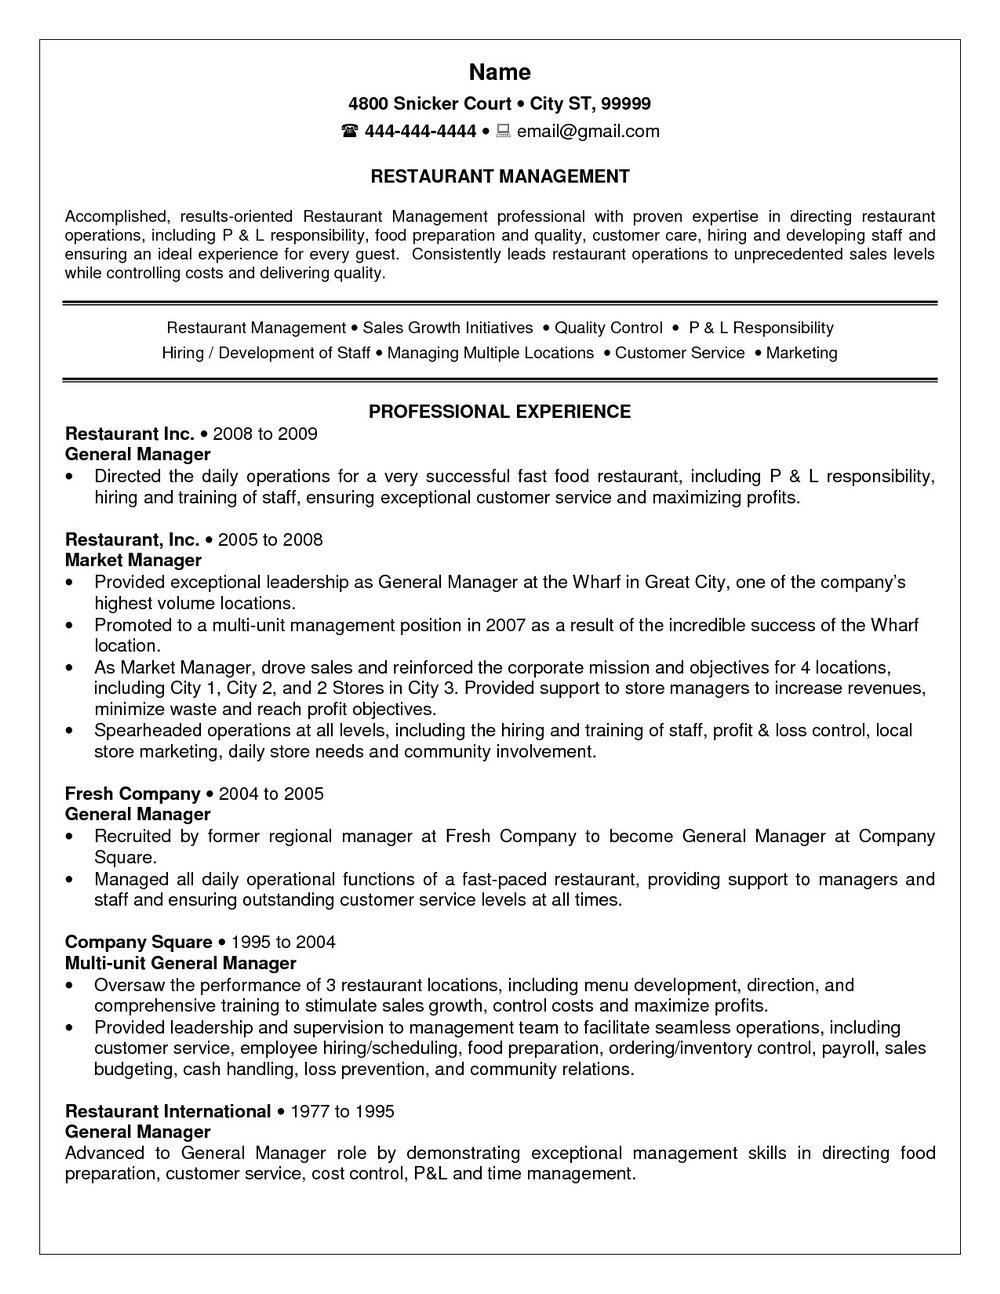 Resume Templates For Restaurant Jobs